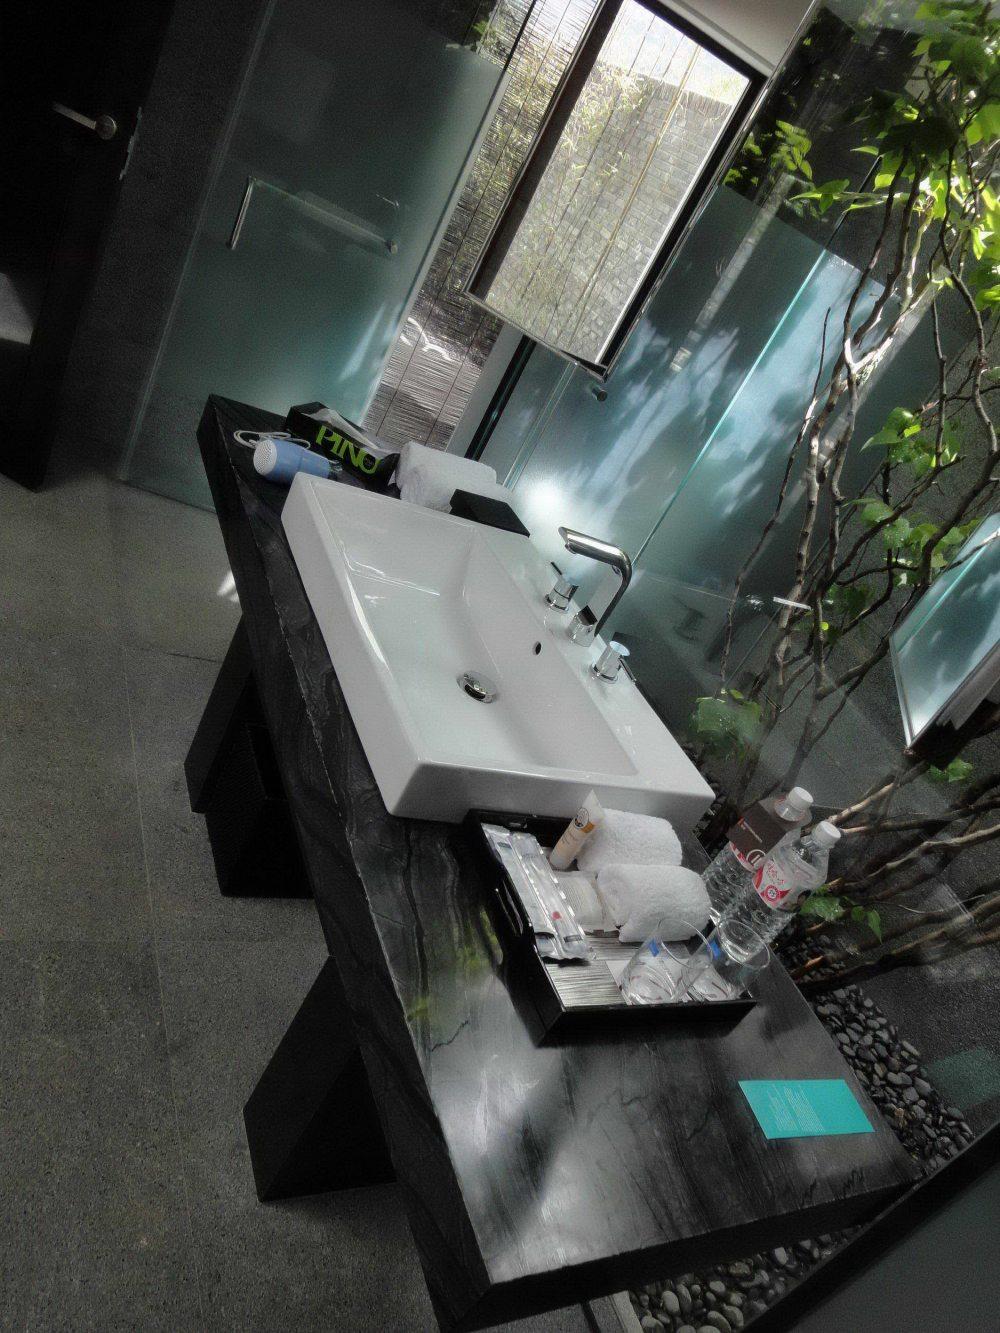 云南丽江铂尔曼渡假酒店(Lijiang Pullman Hotel)(CCD)(第8页更新)_DSC05194.jpg